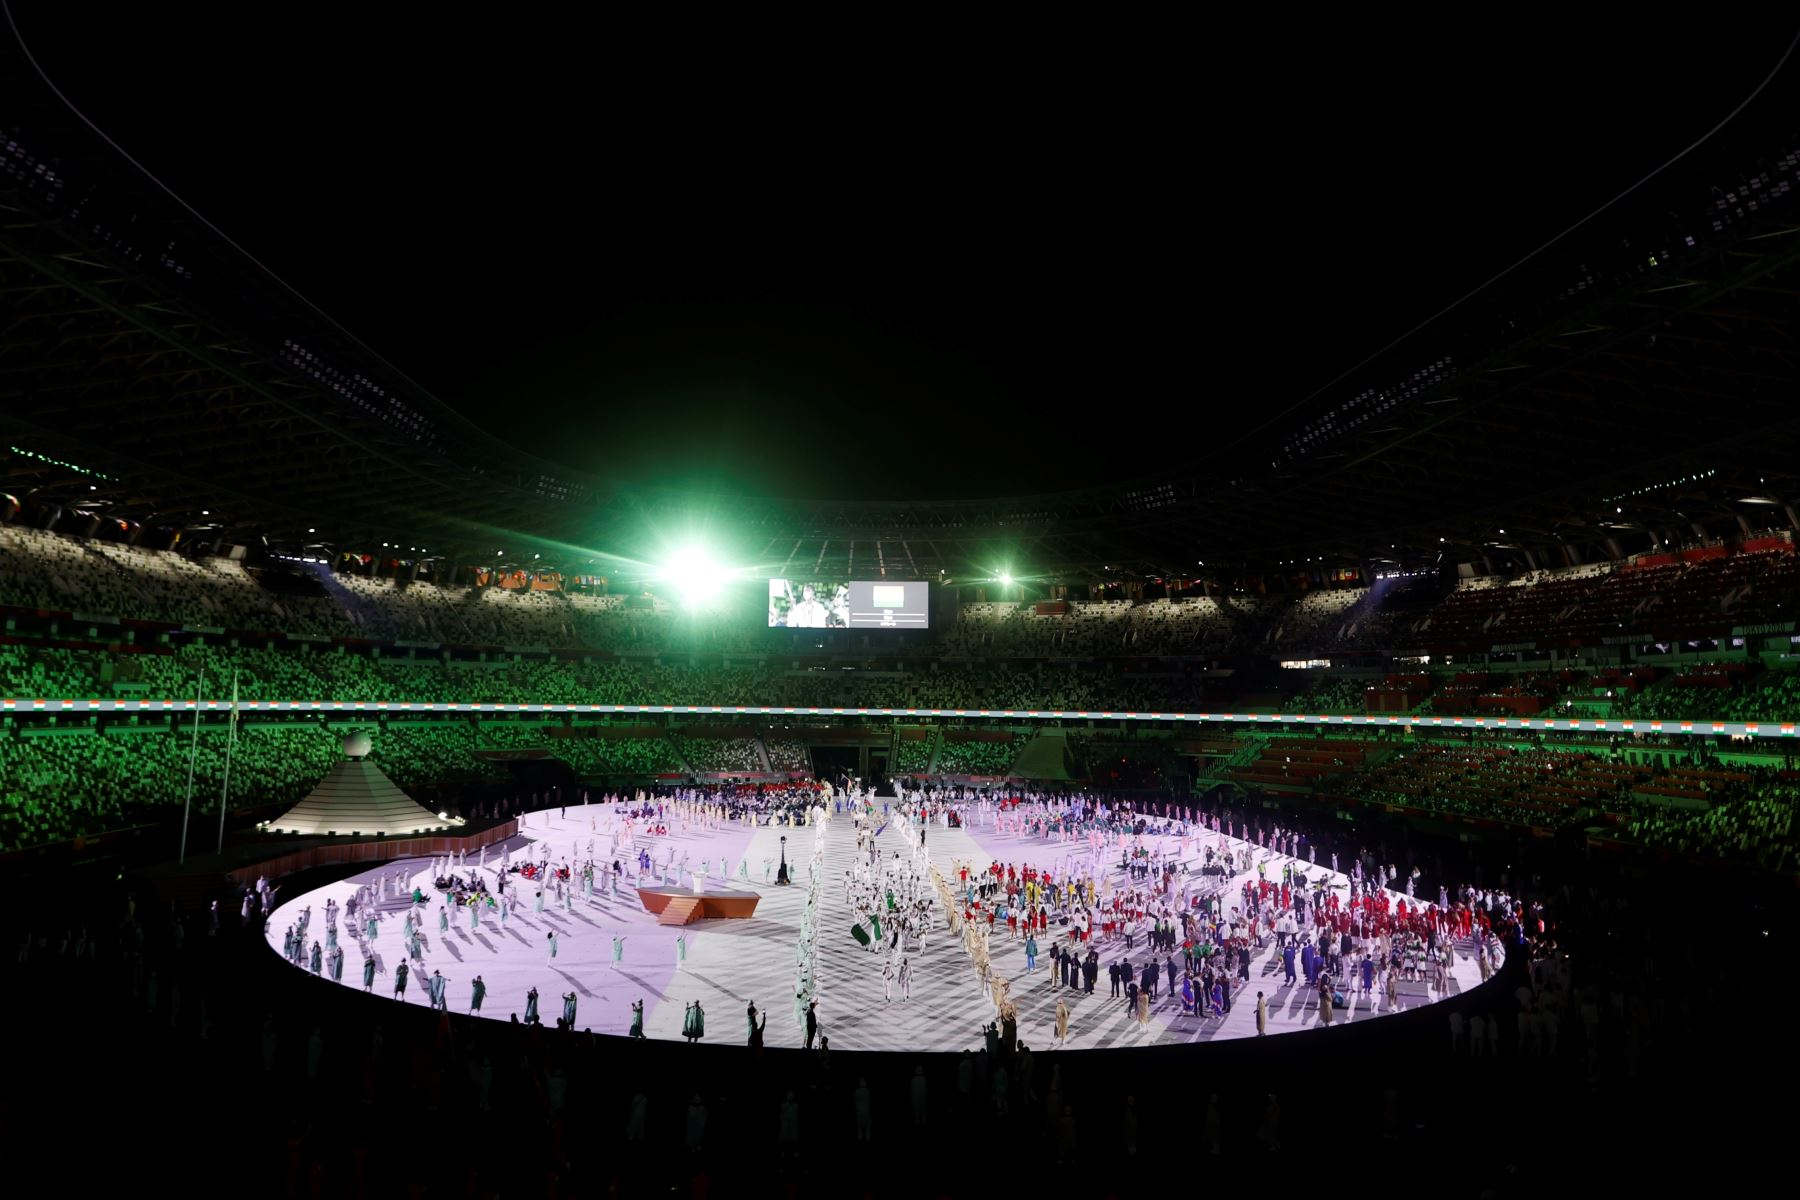 Representantes de distintos países desfilan durante la ceremonia inaugural de los Juegos Olímpicos de Tokio. Foto: EFE